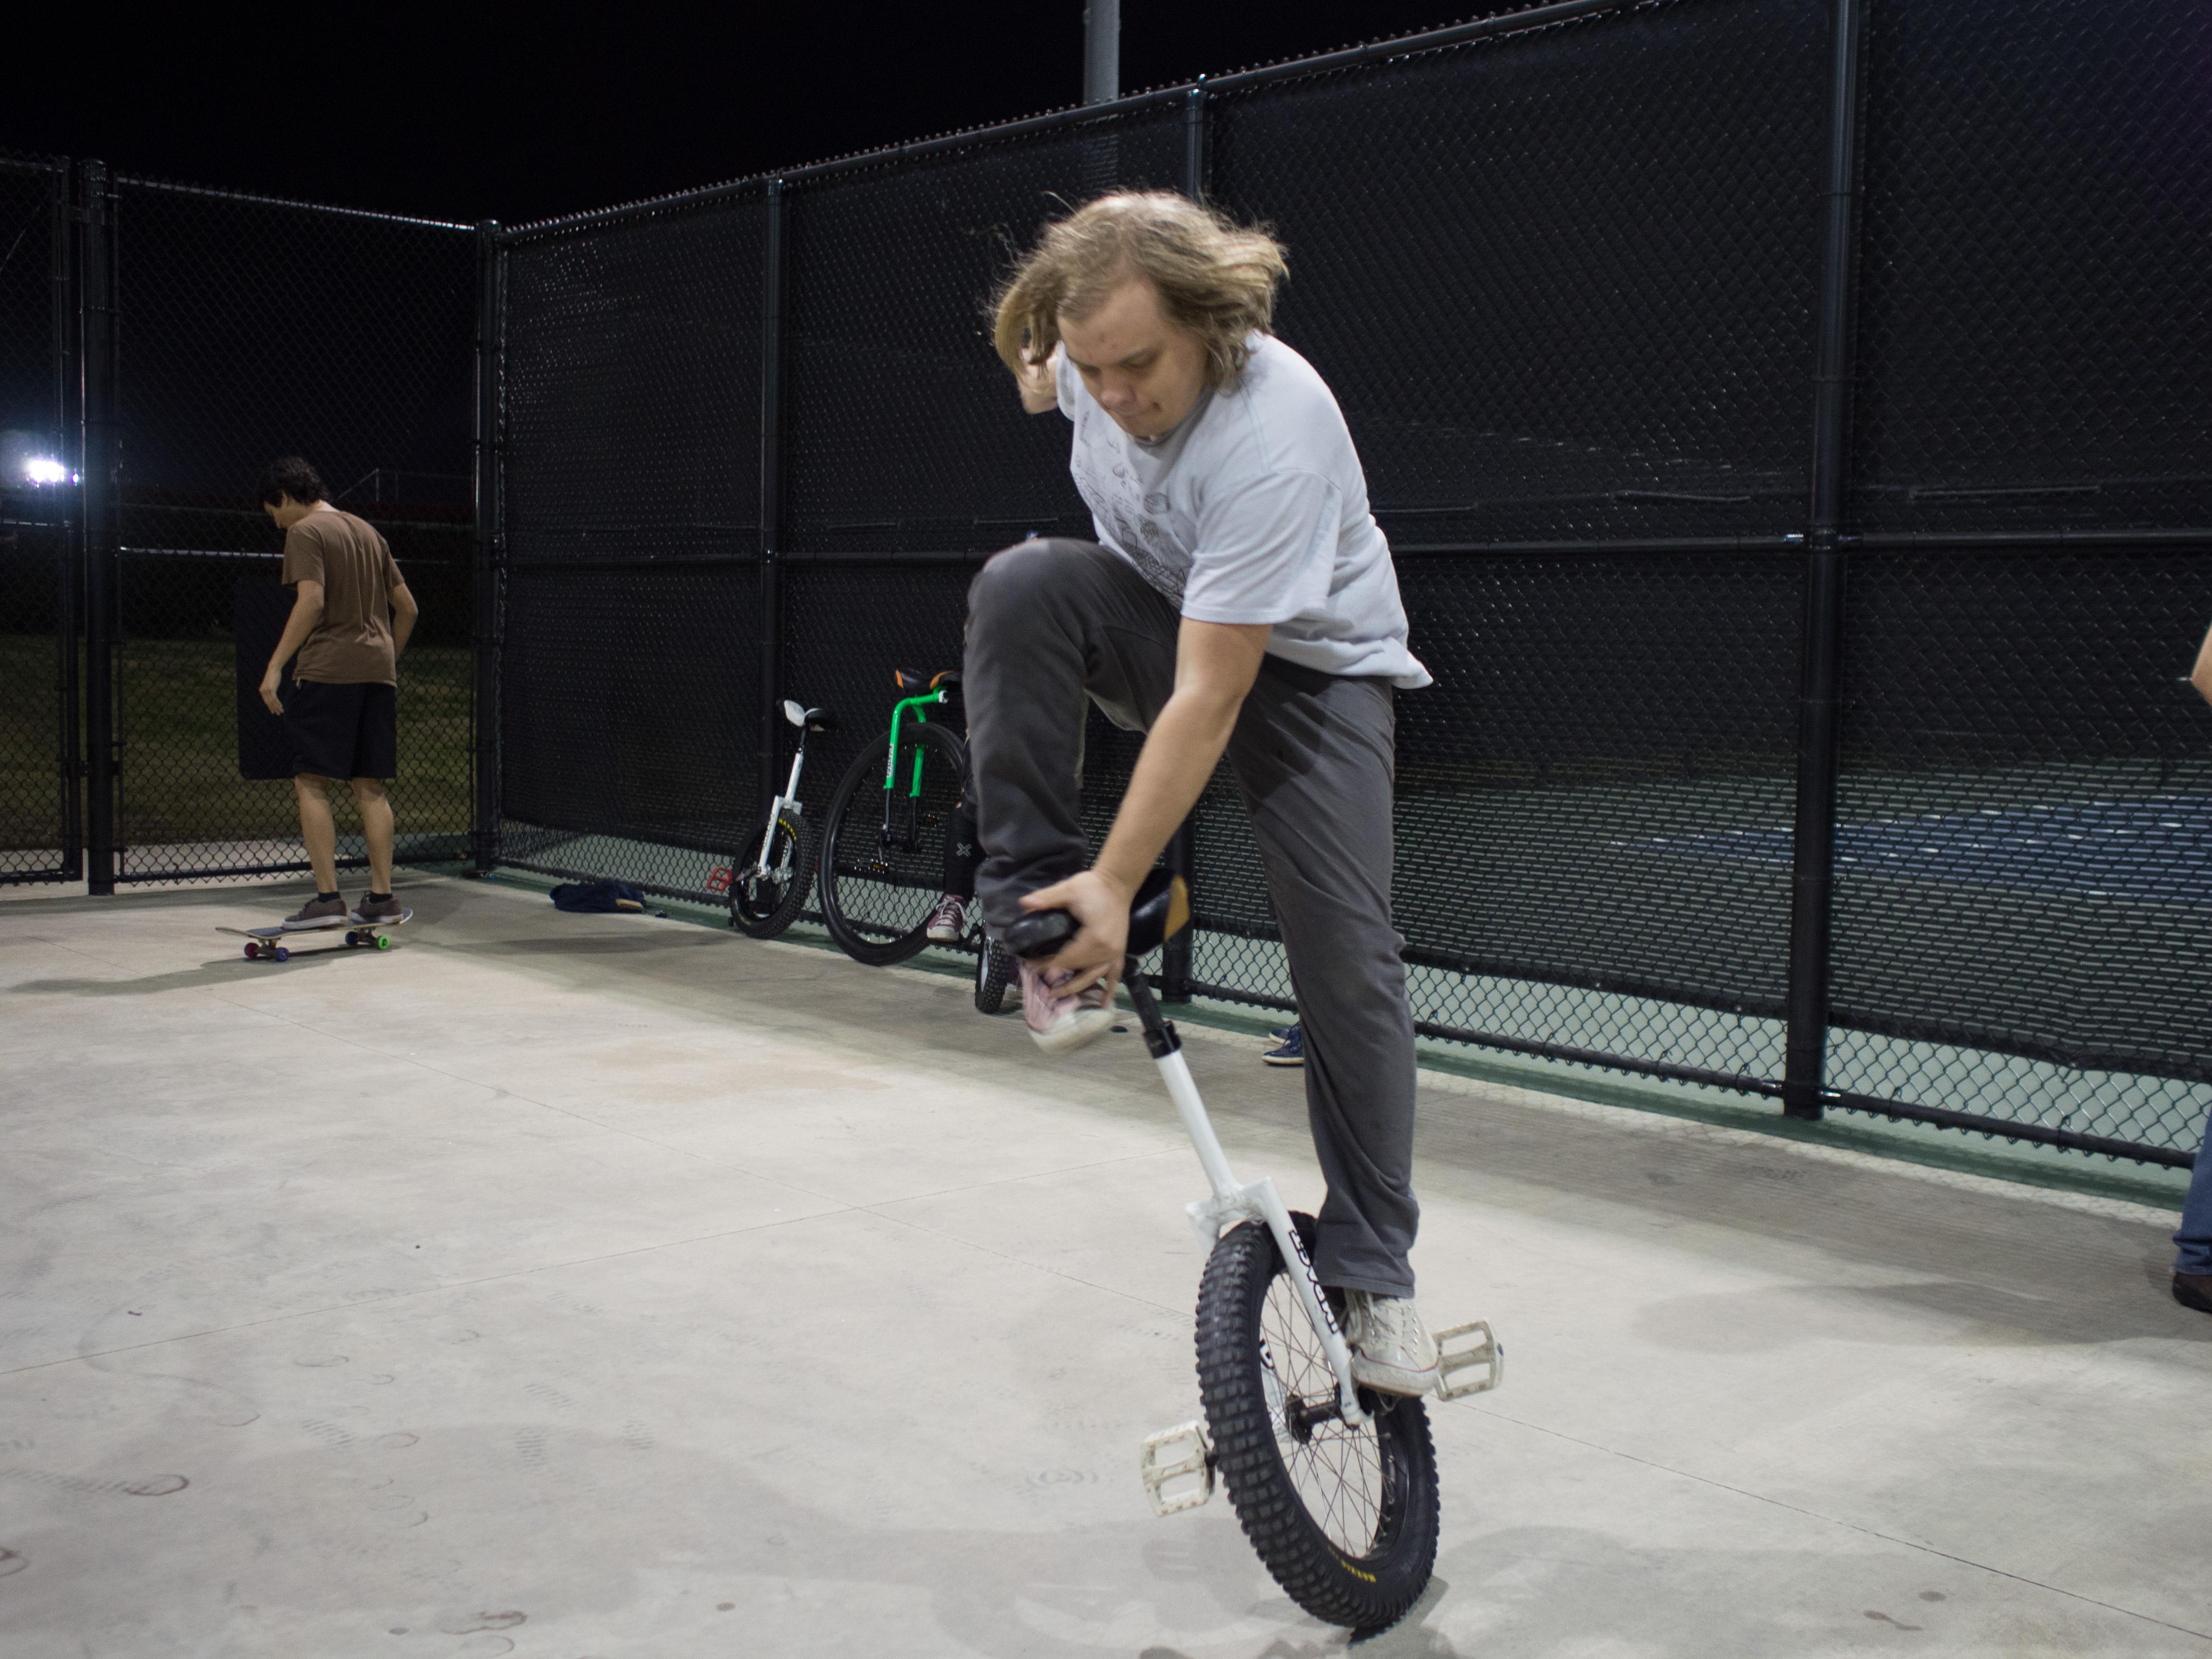 One wheel wonder